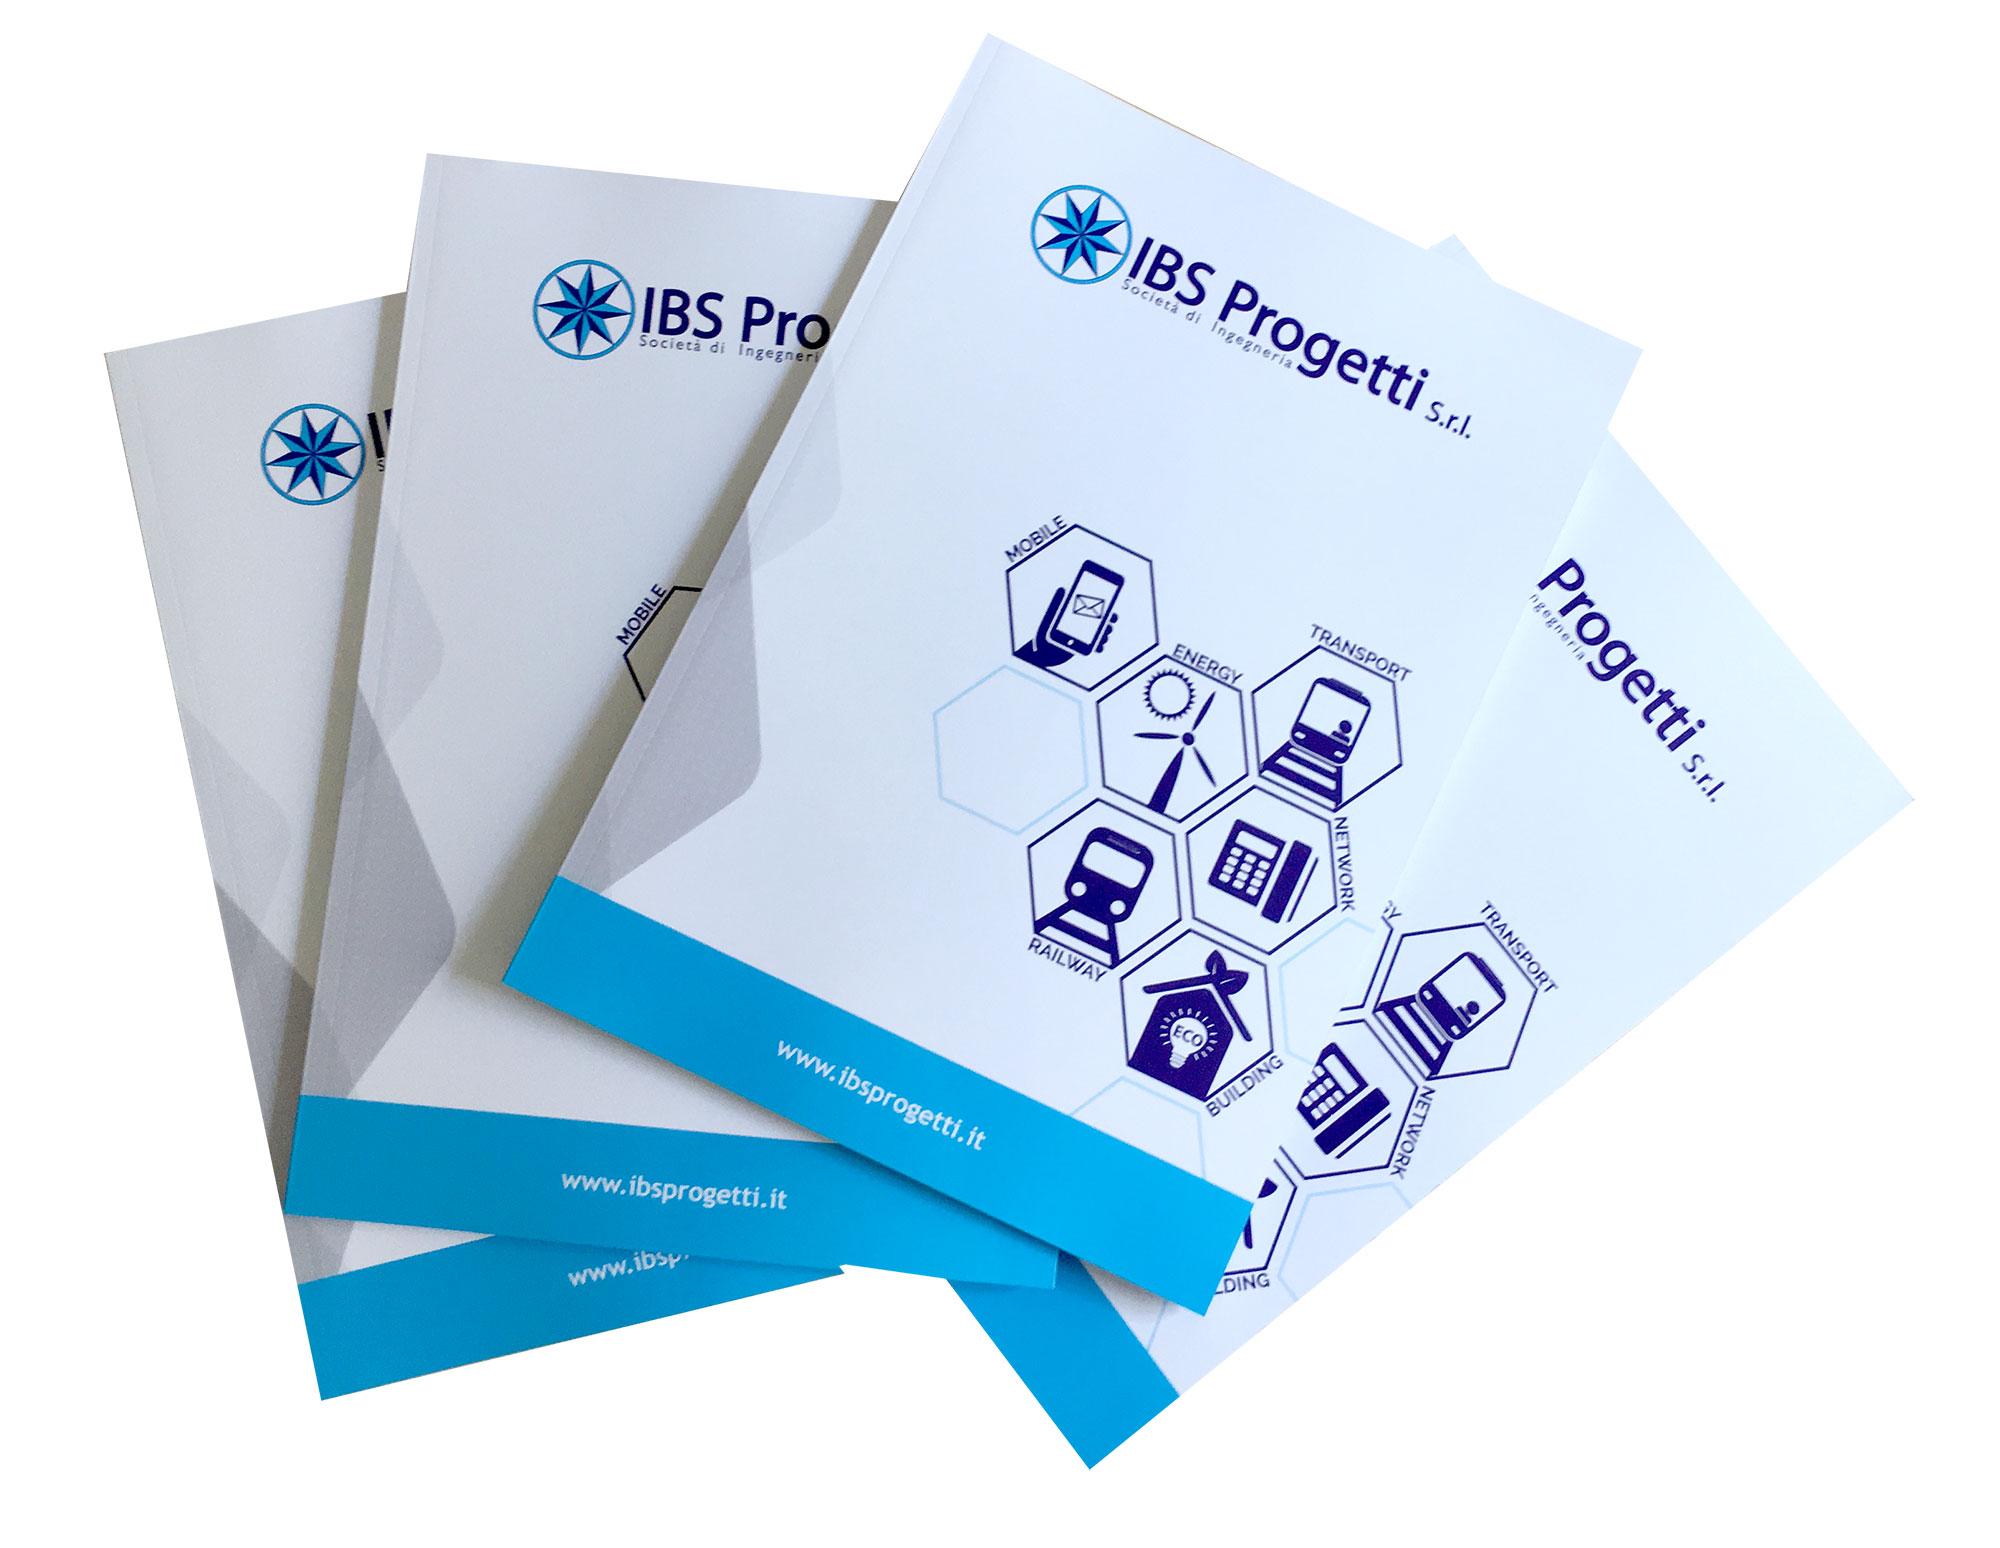 IBS Progetti Magazine